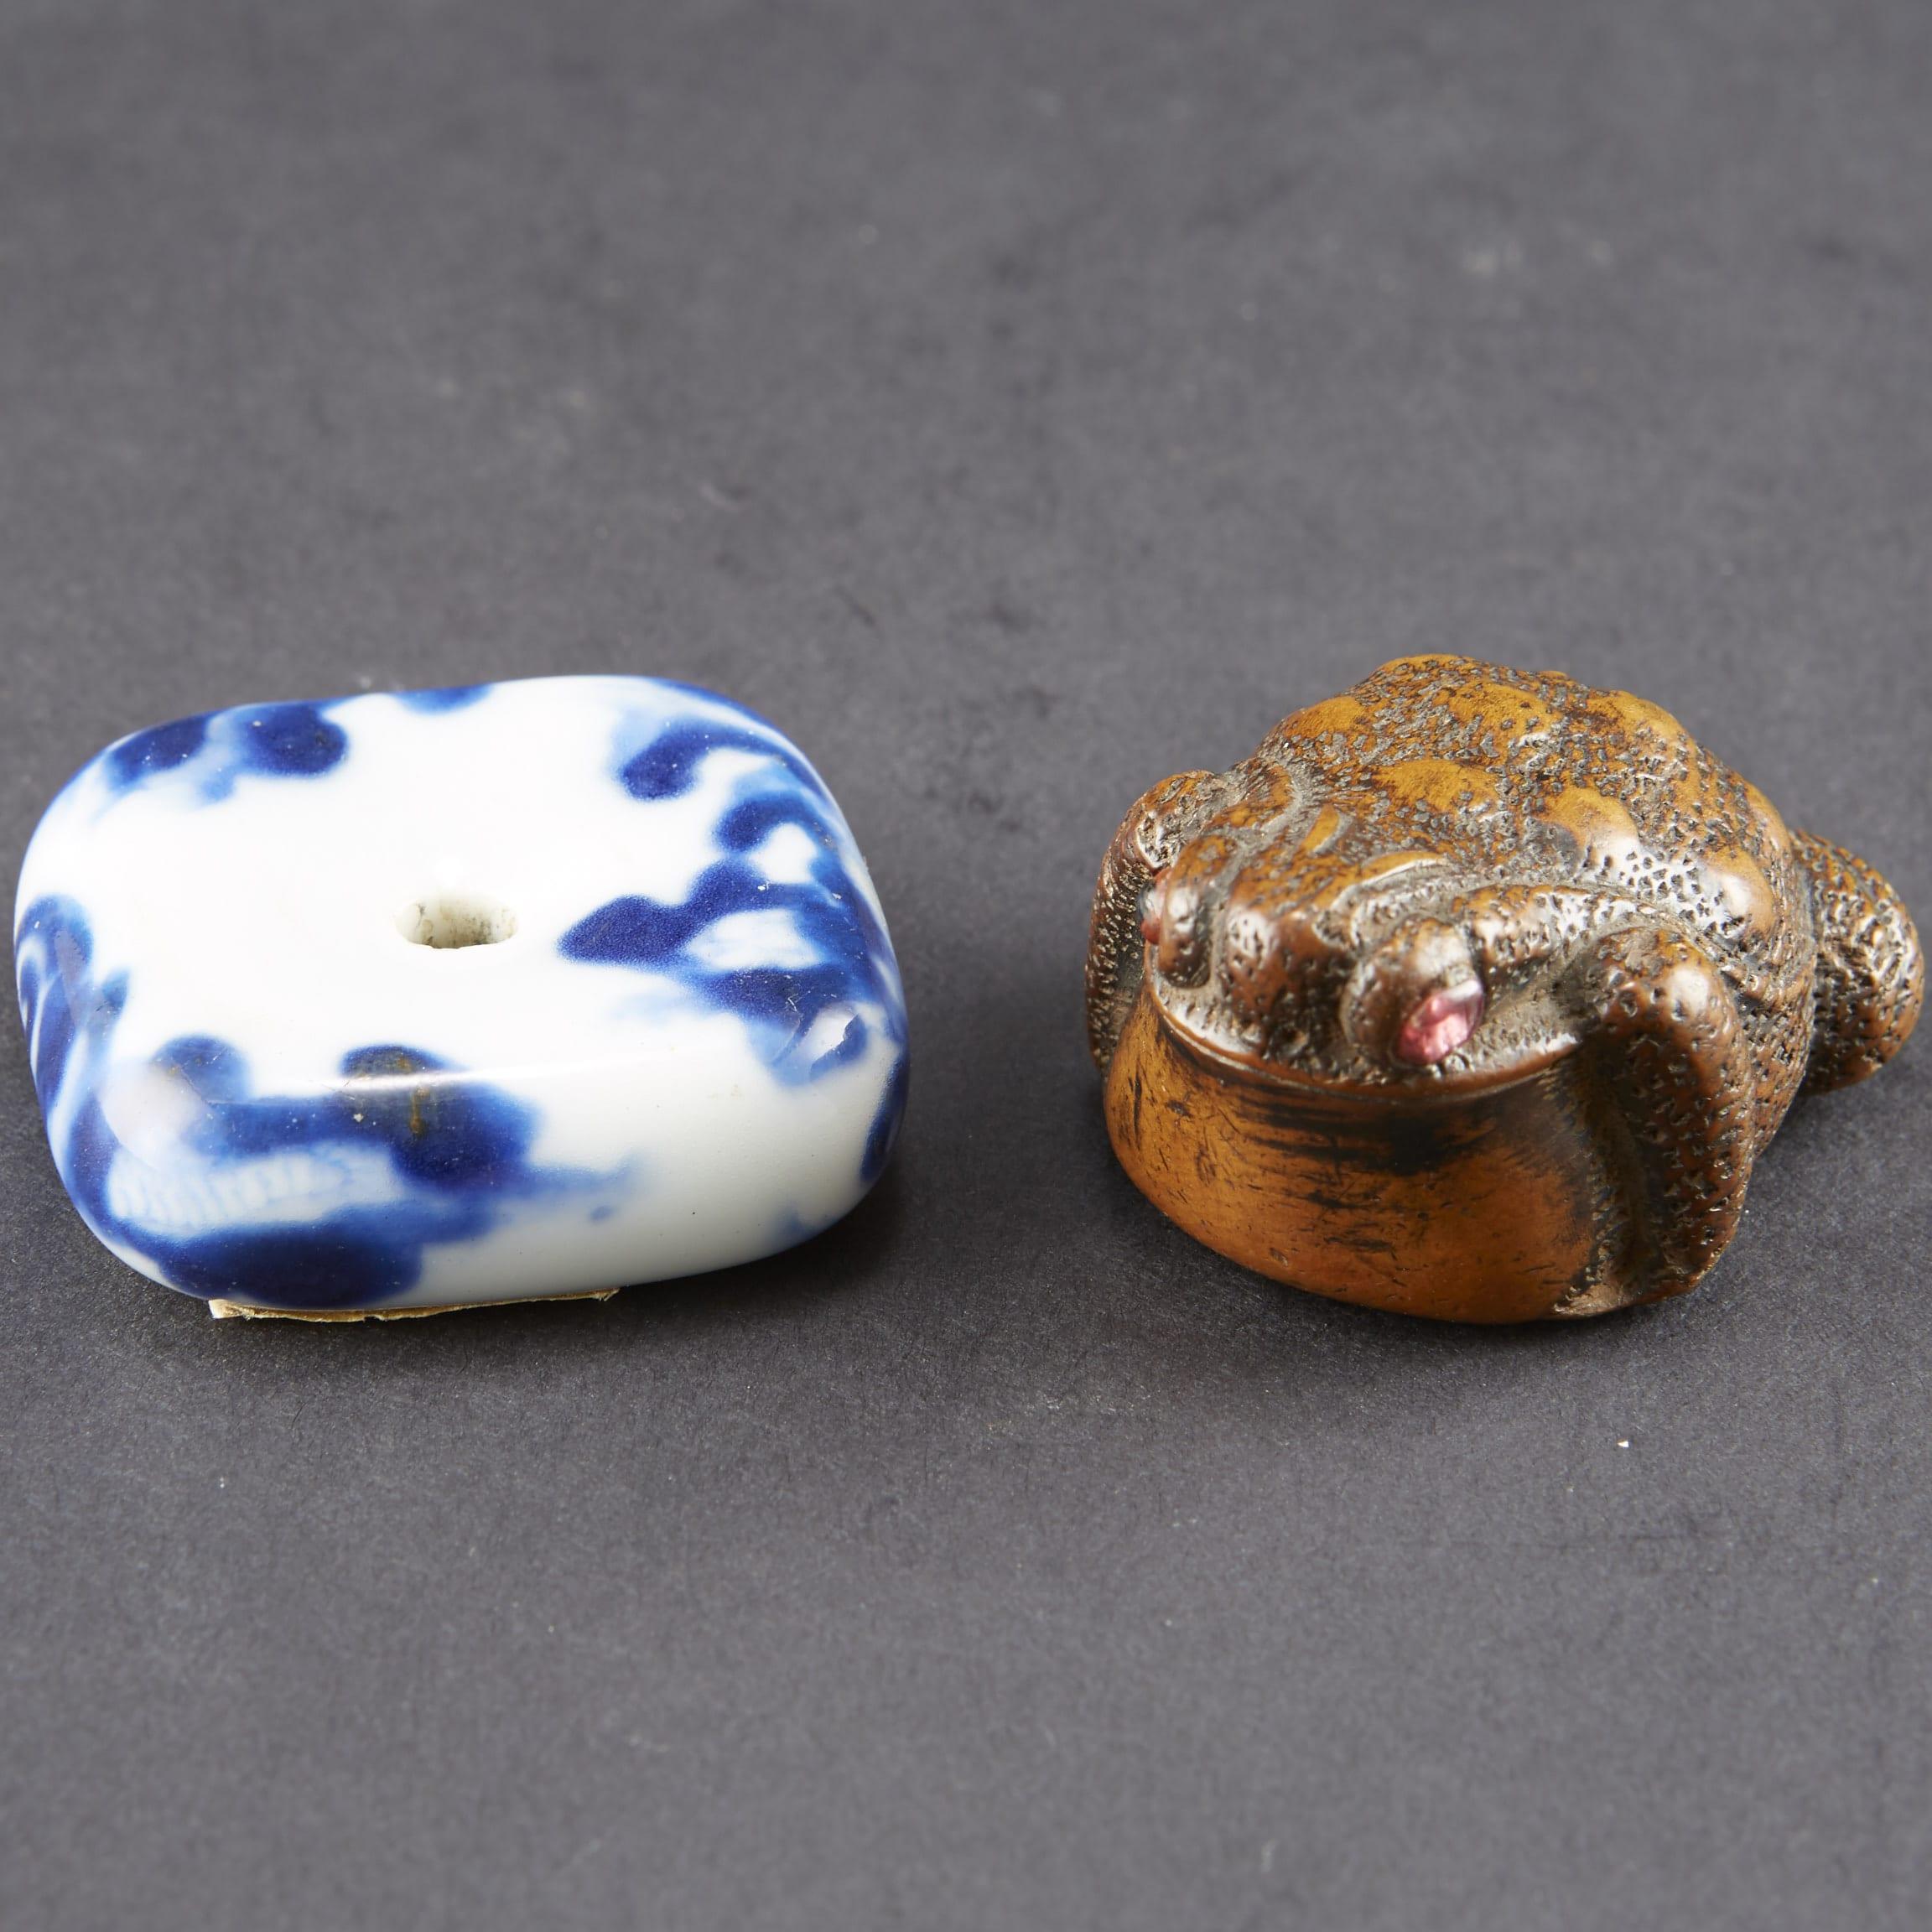 Lot 081: Japanese Boxwood Toad Netsuke and Porcelain Manju